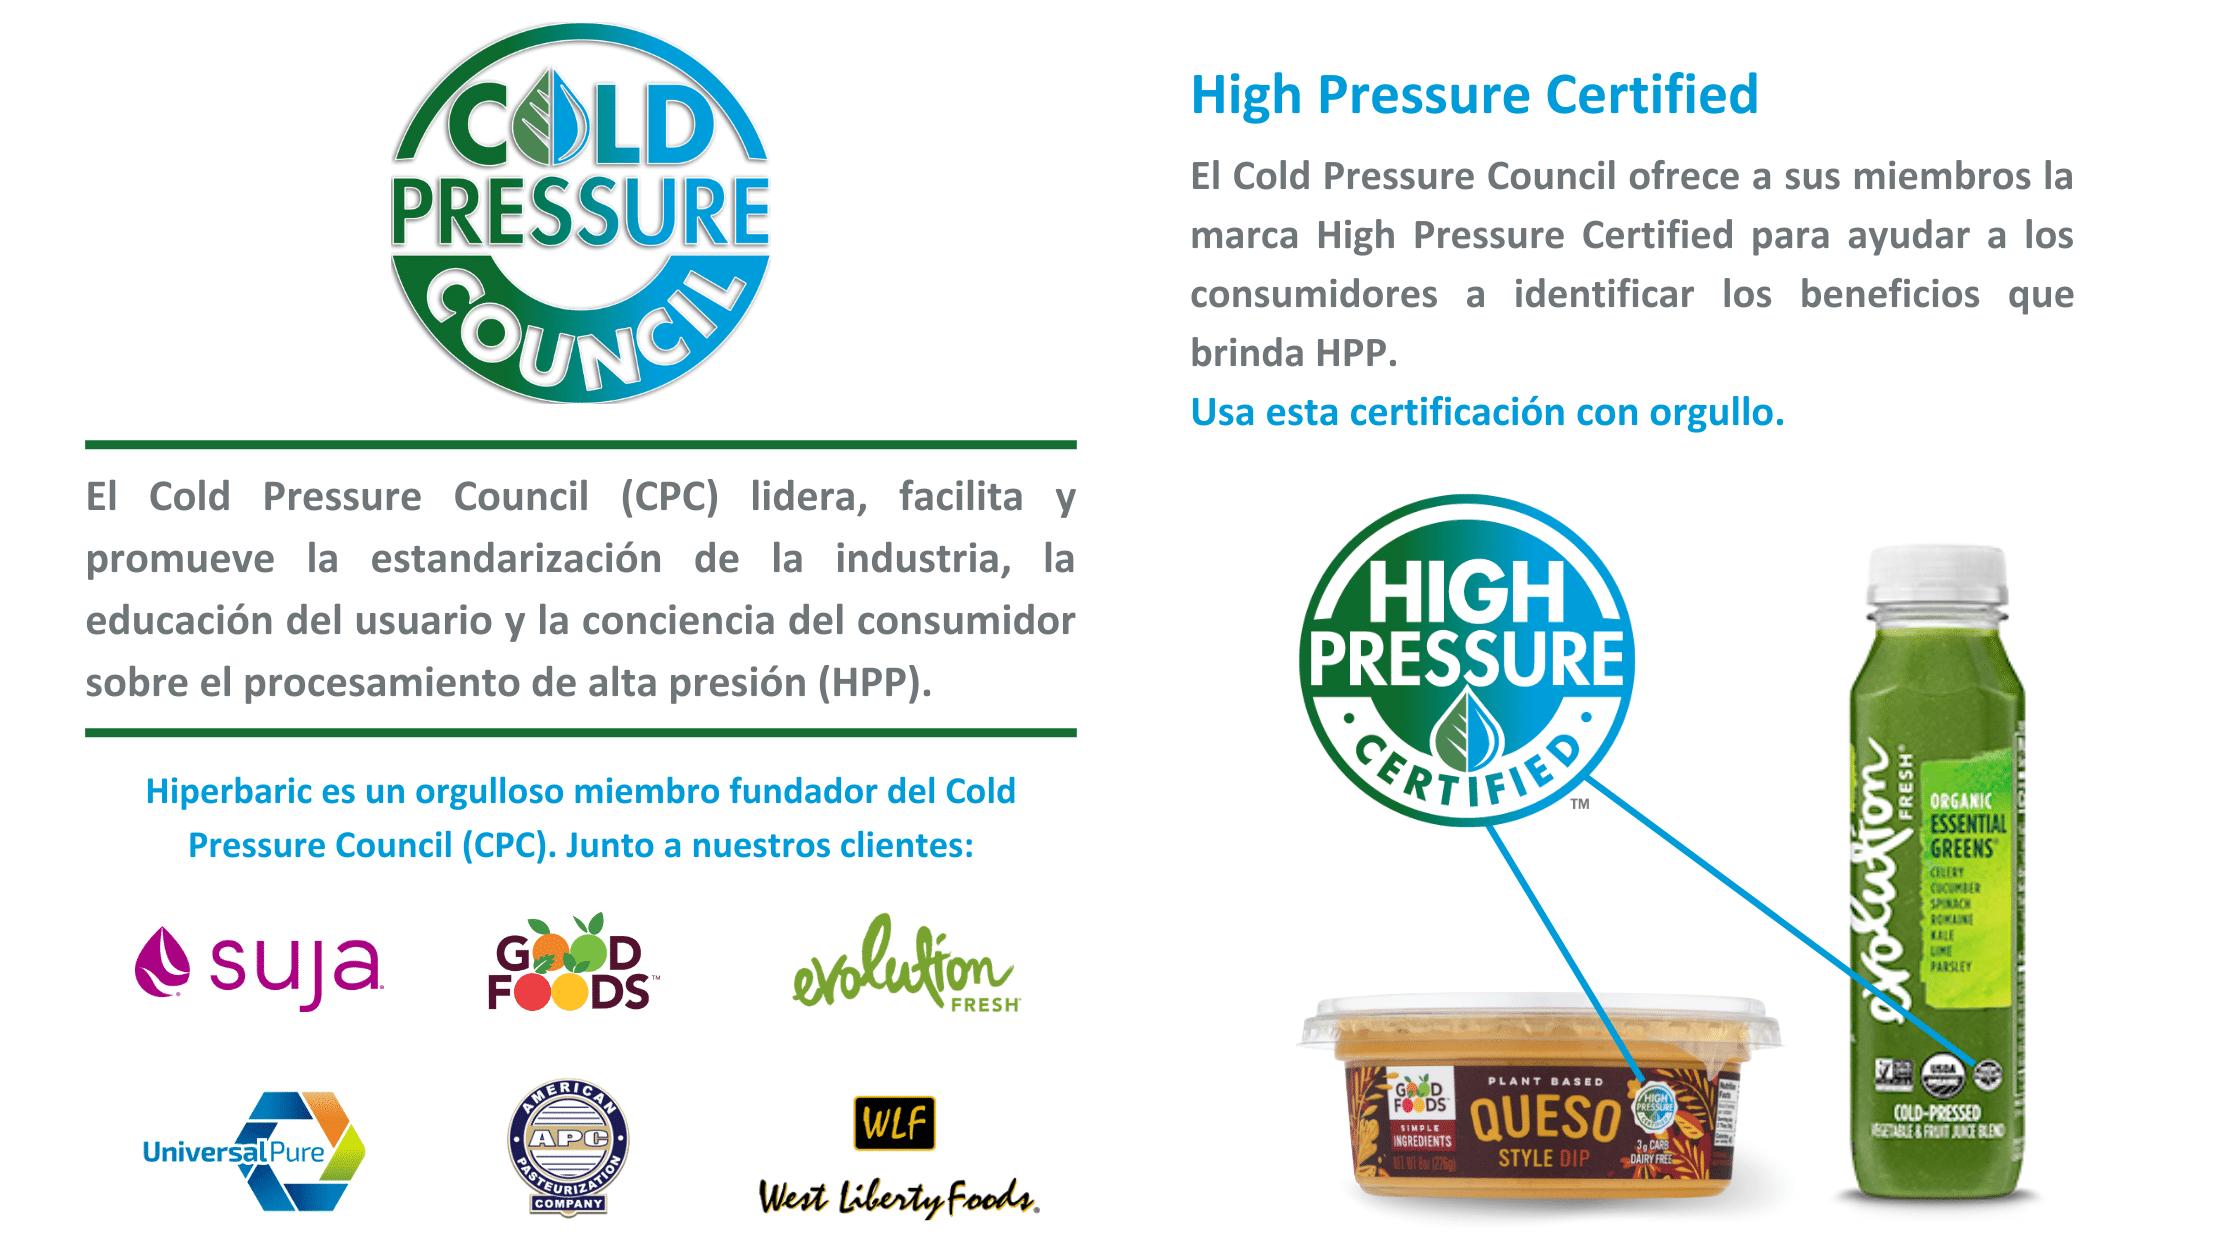 Cold Pressure Council